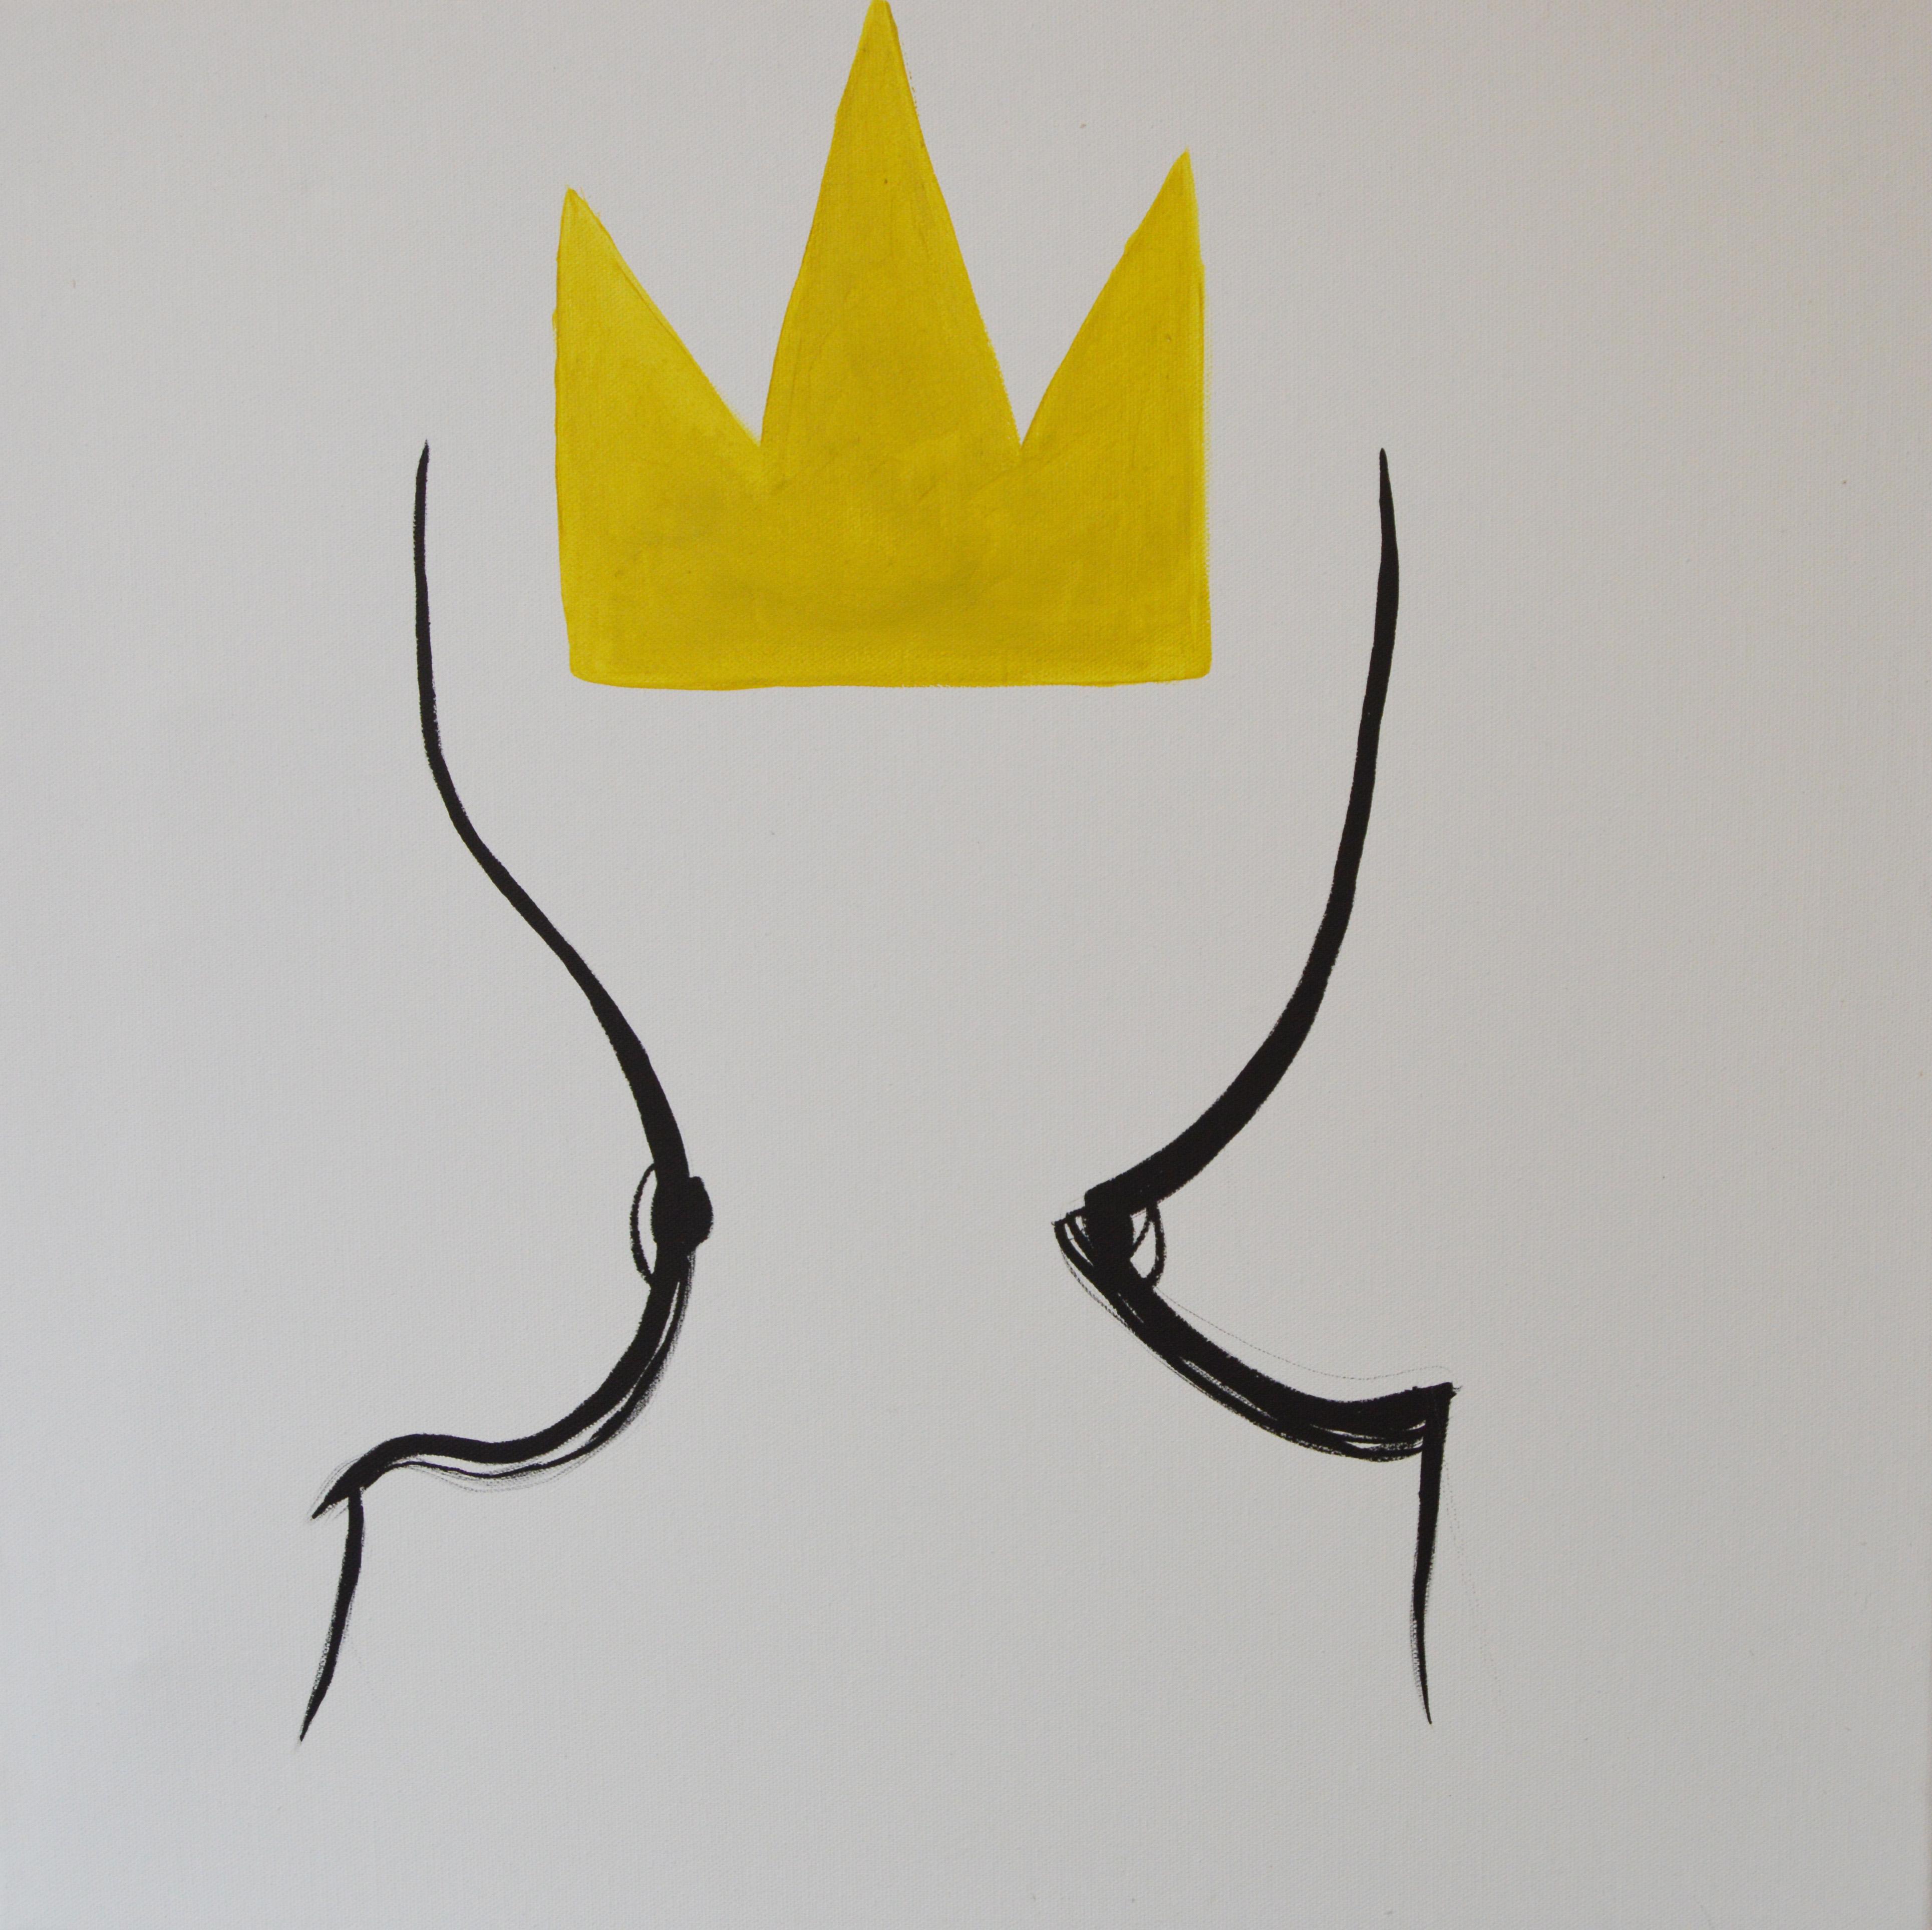 Queen(s)